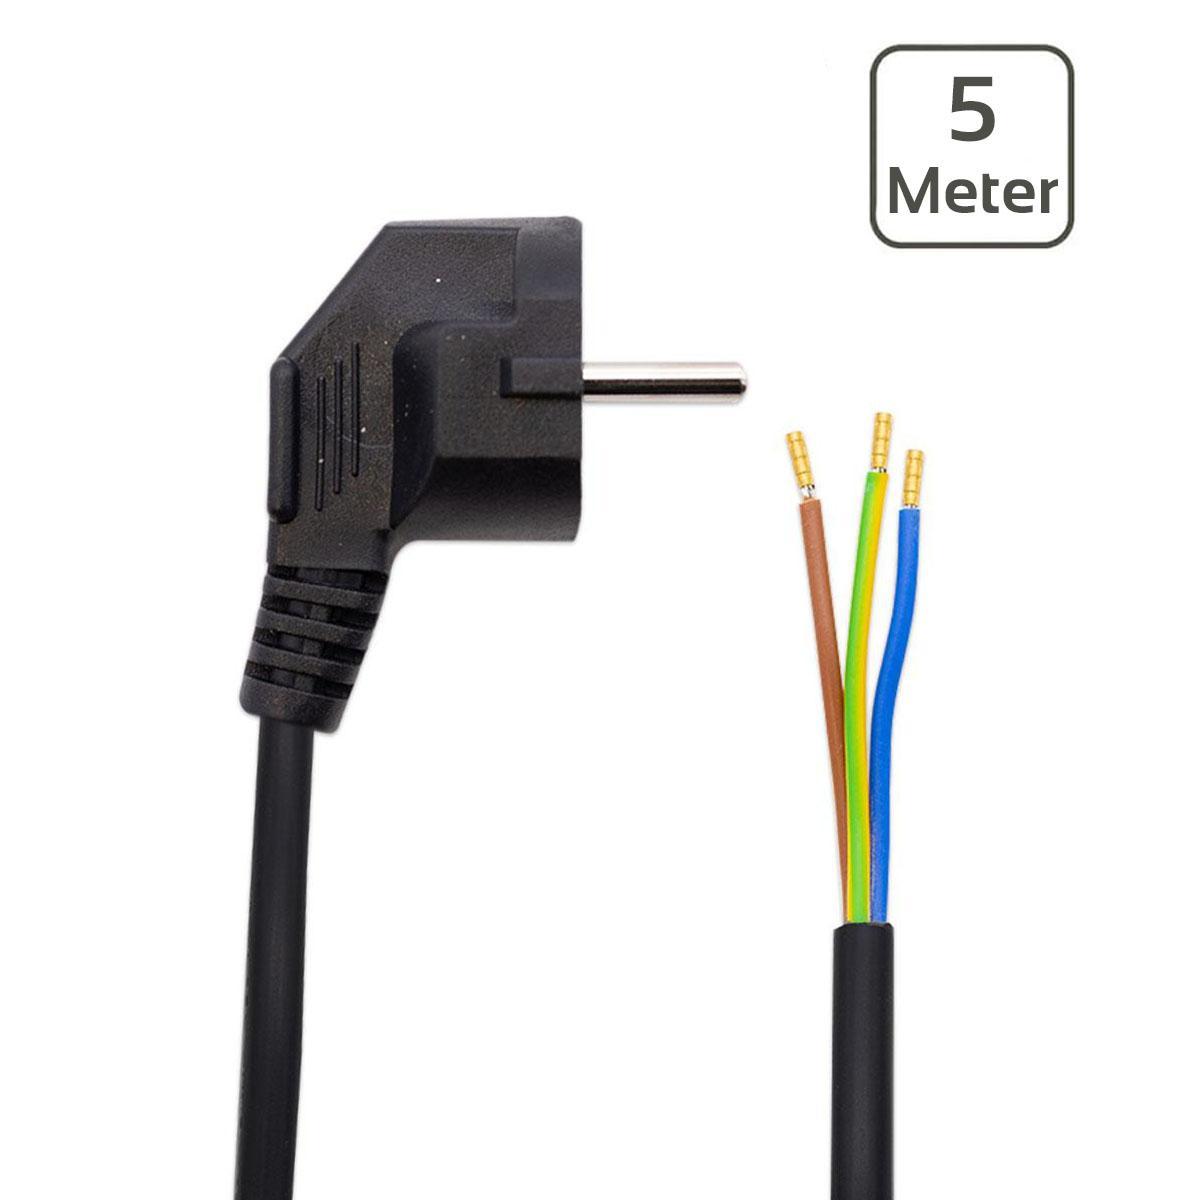 Netzkabel IP44 wetterfest schwarz, 3-adrig mit Schutzkontaktstecker, 500 cm, offene Kabelenden 3-adrig